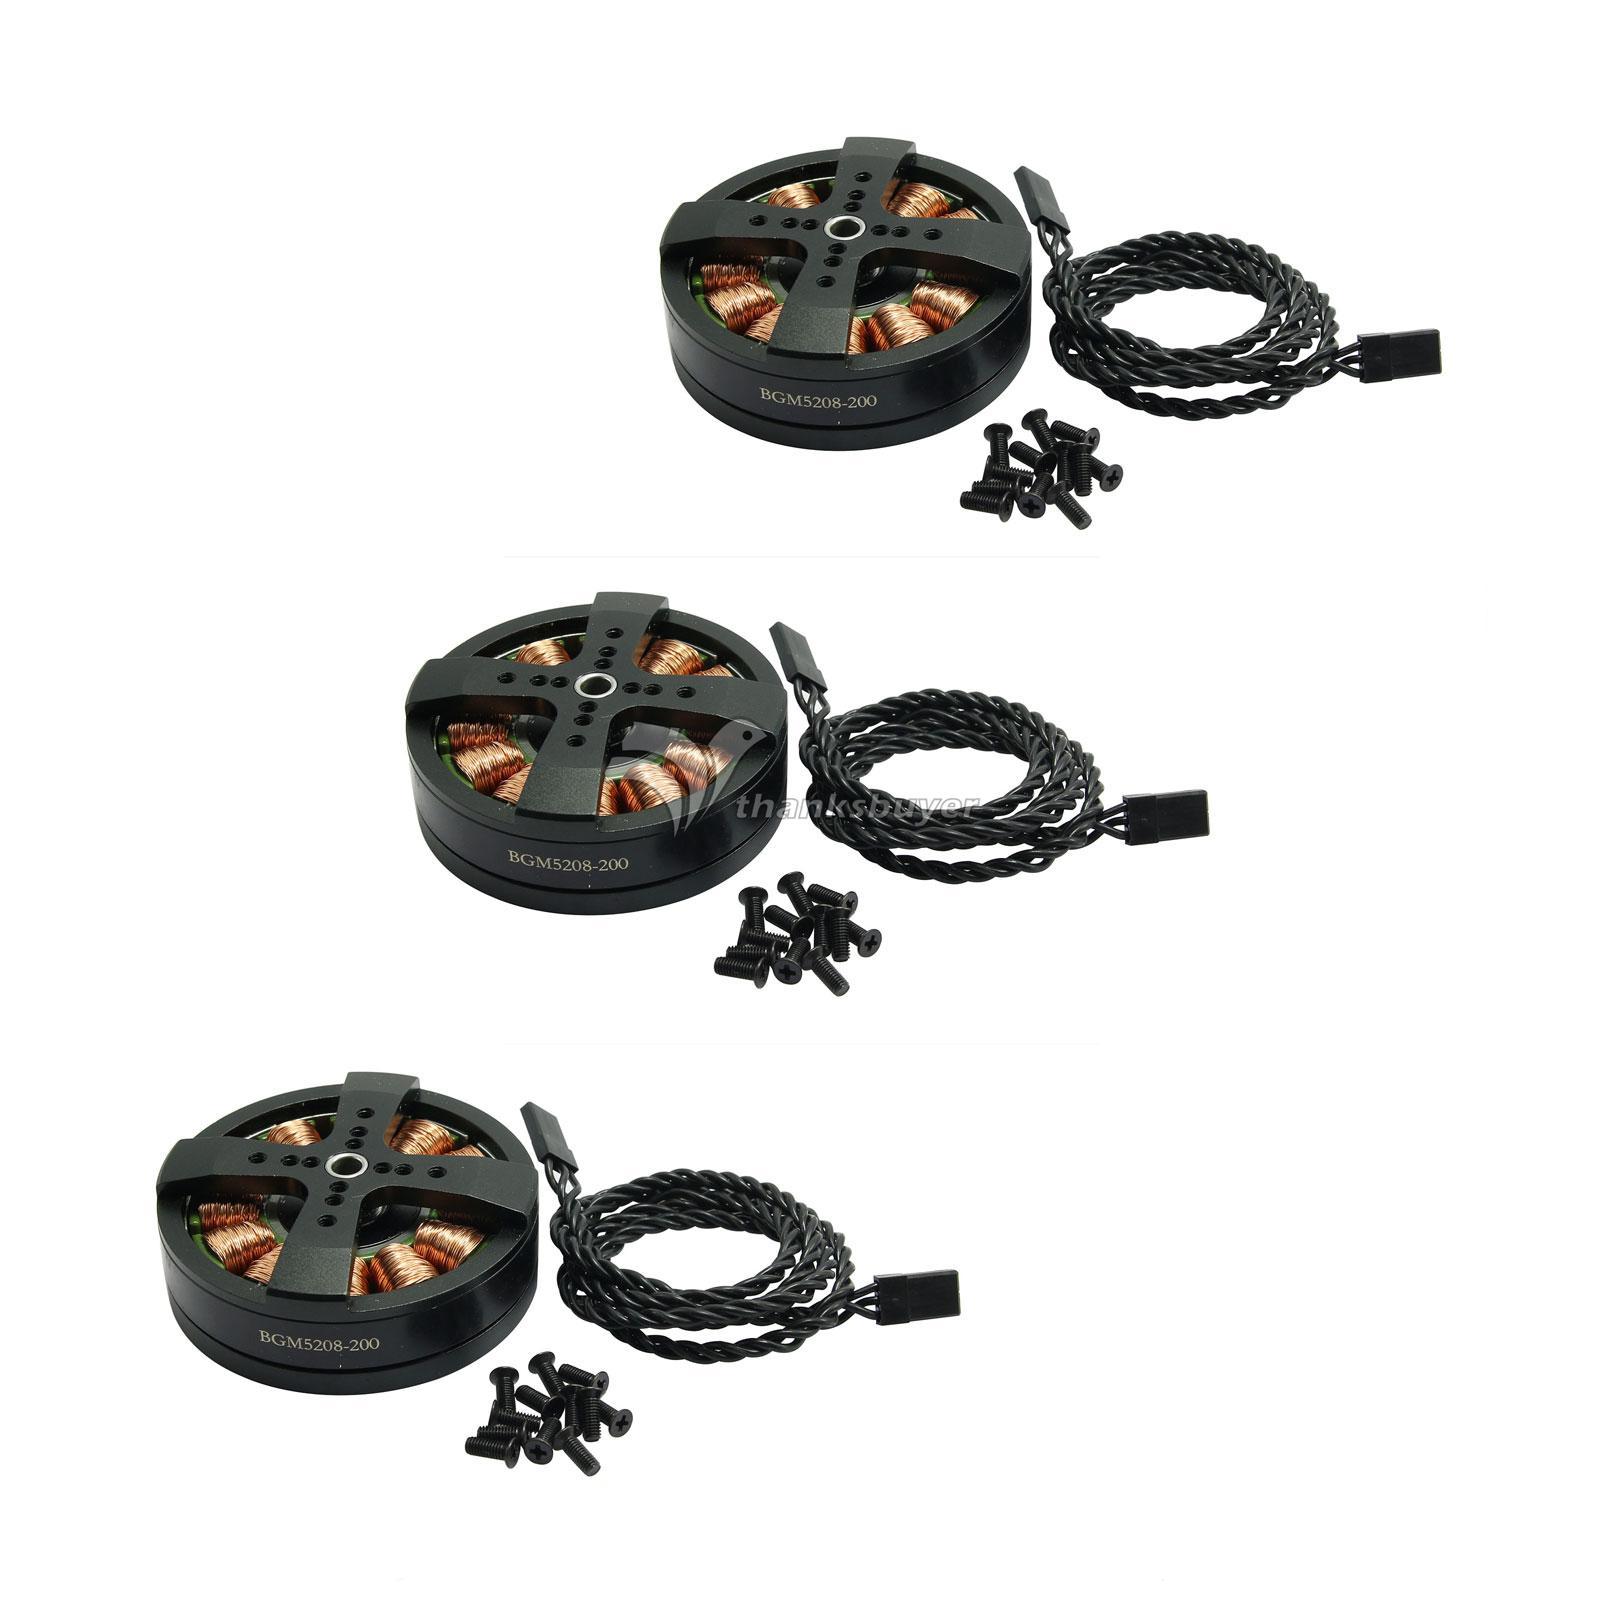 3 x DYS BGM5208-200 Gimbal Brushless Motors запчасти и аксессуары для радиоуправляемых игрушек 2015 3 ptz dys w 4108 evvgc nex ildc dys 3 axis